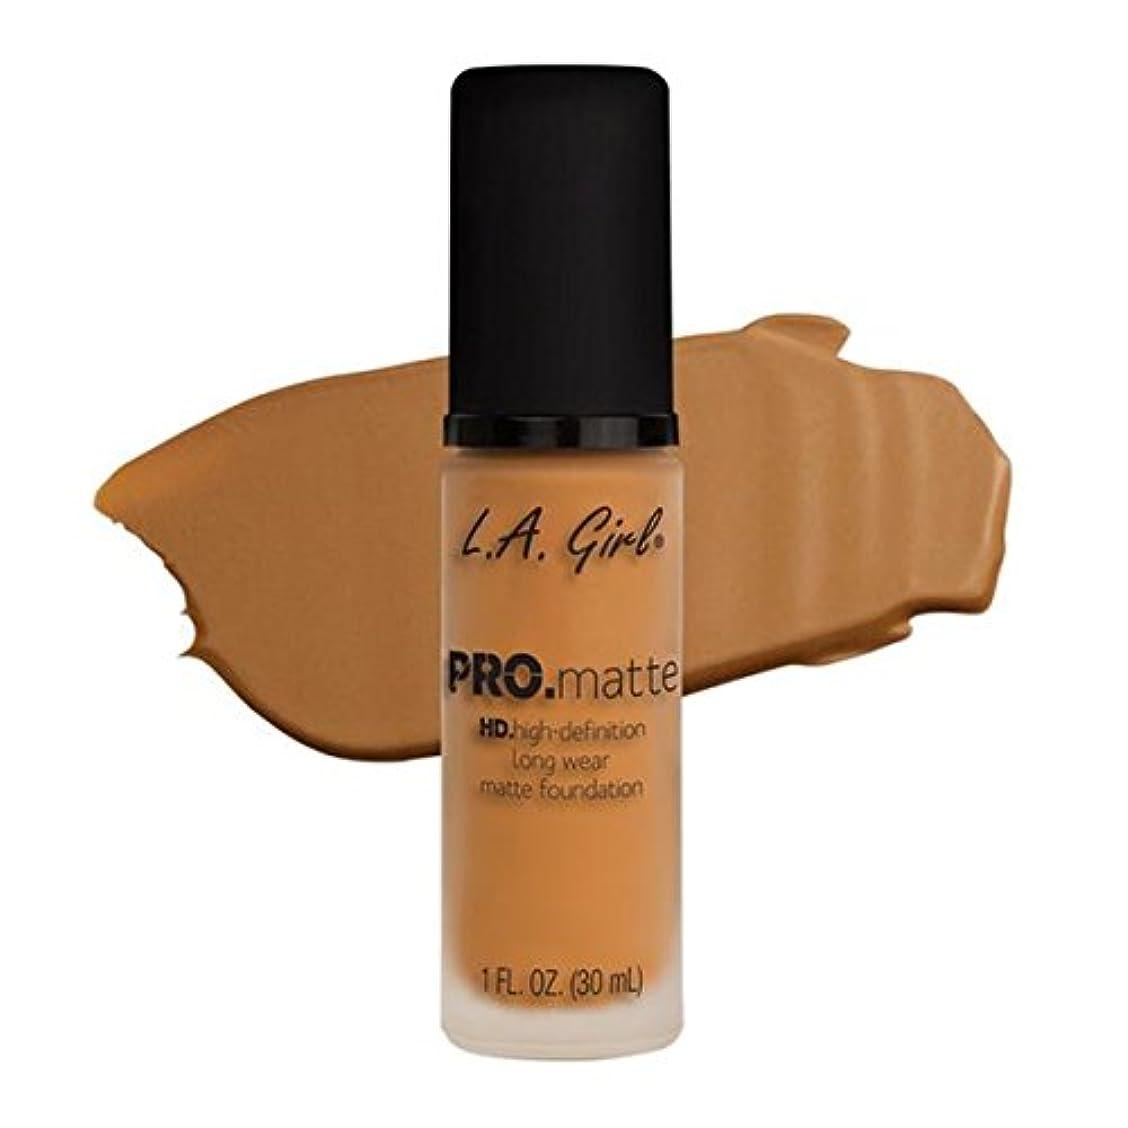 ソファー頂点みなさんLA Girl PRO.mattte HD.high-definition long wear matte foundation (GLM680 Golden Bronze)